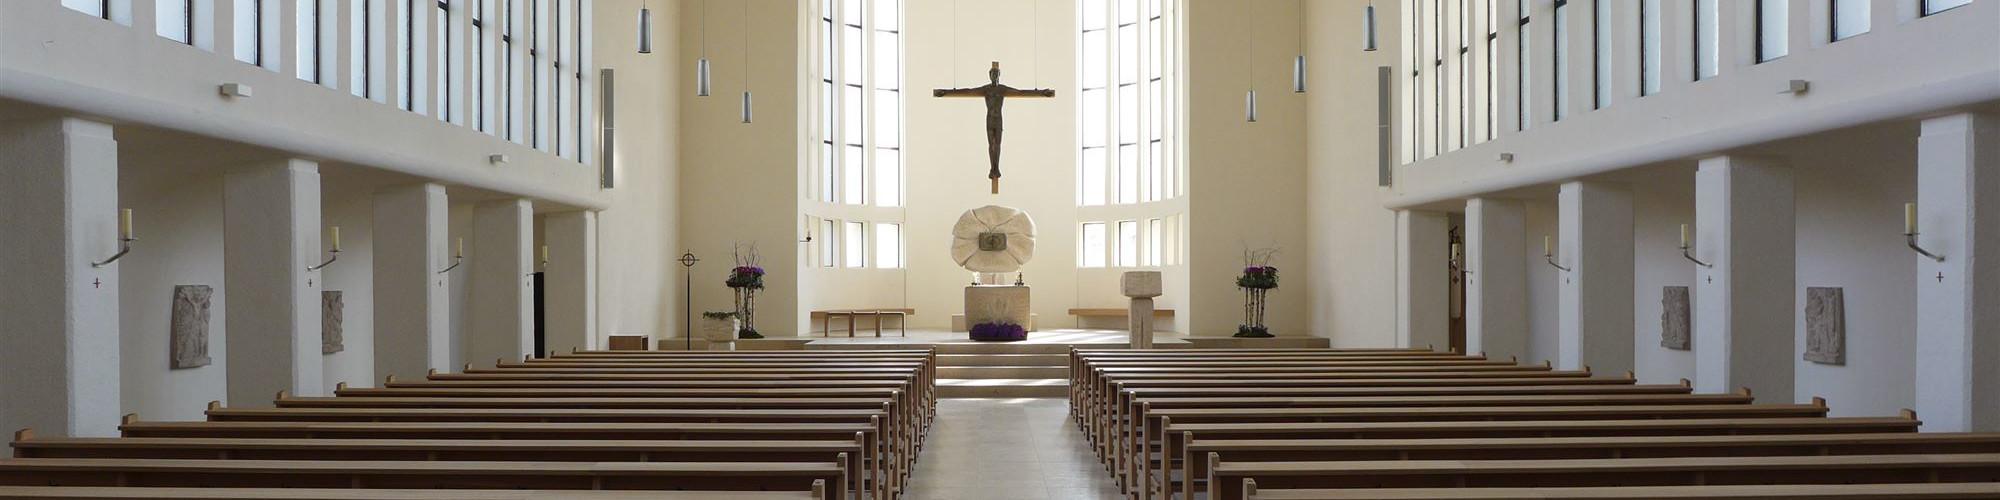 Niederwerrn Kirchenschiff-sld